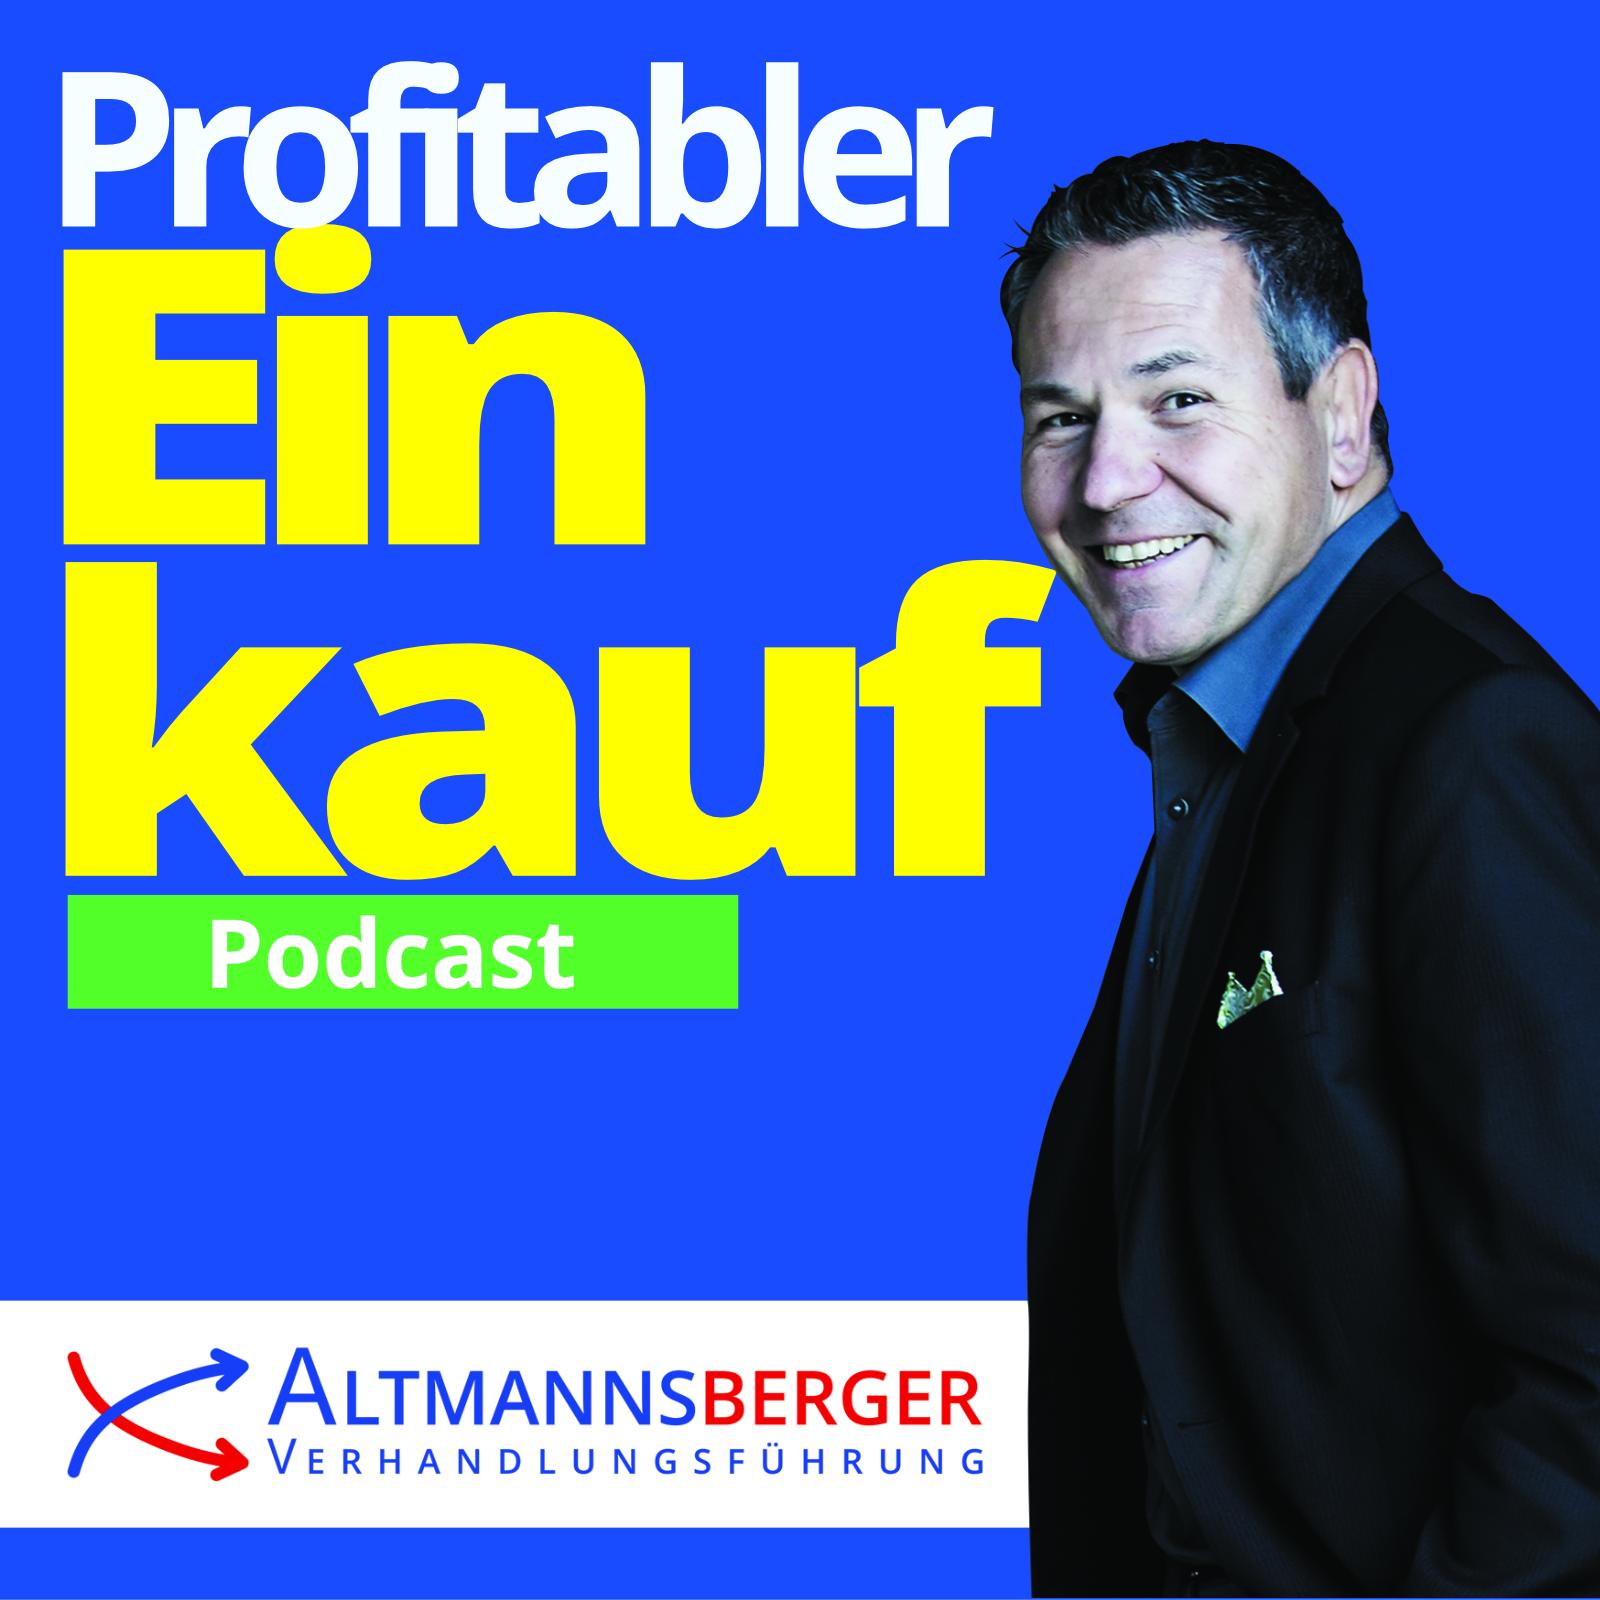 Verhandlungsführung für Einkäufer | Urs Altmannsberger | Preisverhandlungen| Jahresgespräche mit Lieferanten | Monopolisten und Monopole verhandeln | Savings und Gewinne steigern